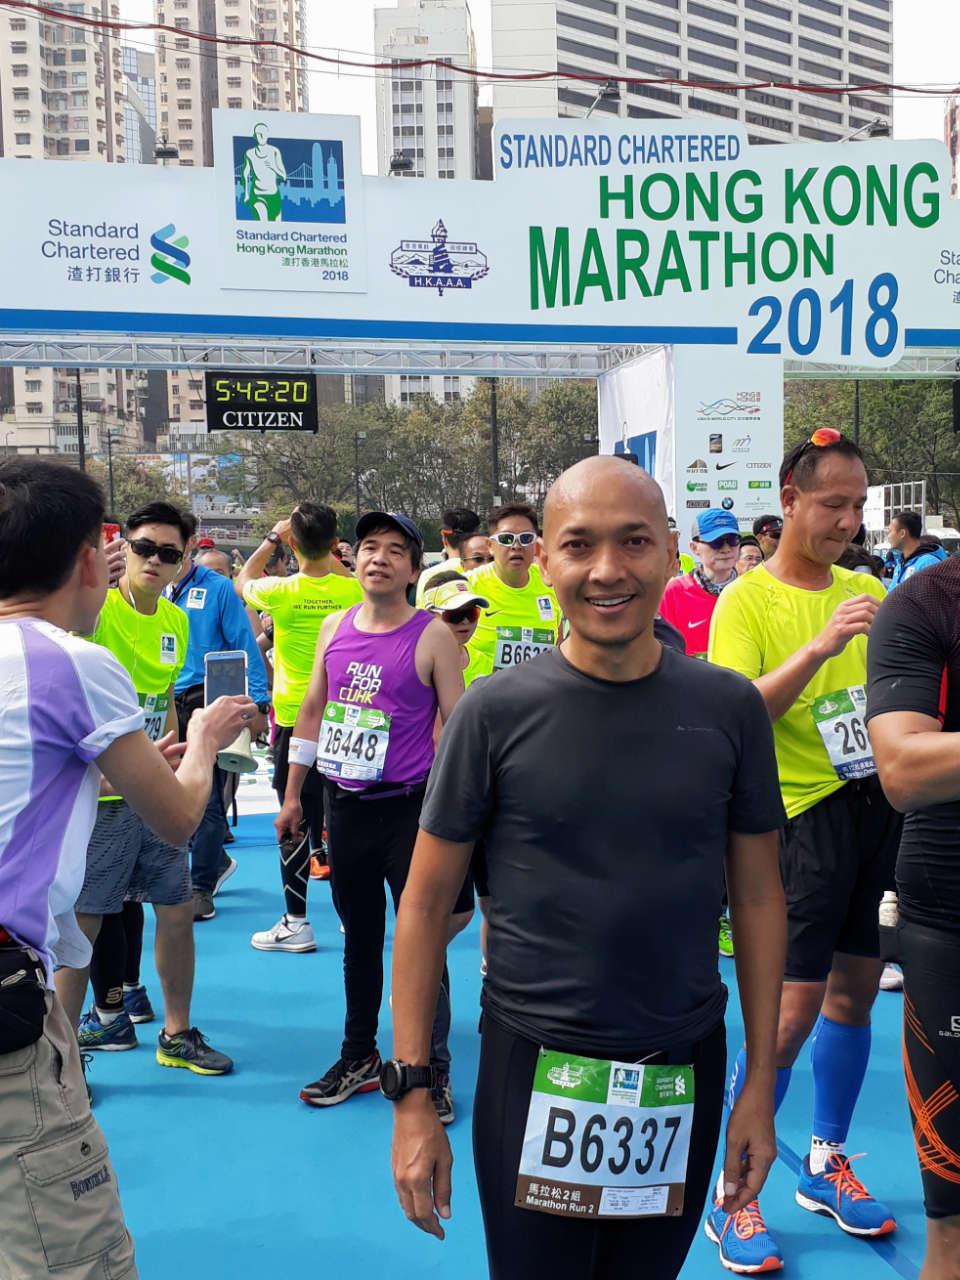 22nd Edition of Standard Chartered Hong Kong Marathon Kicks Off My 2018 Running Calendar